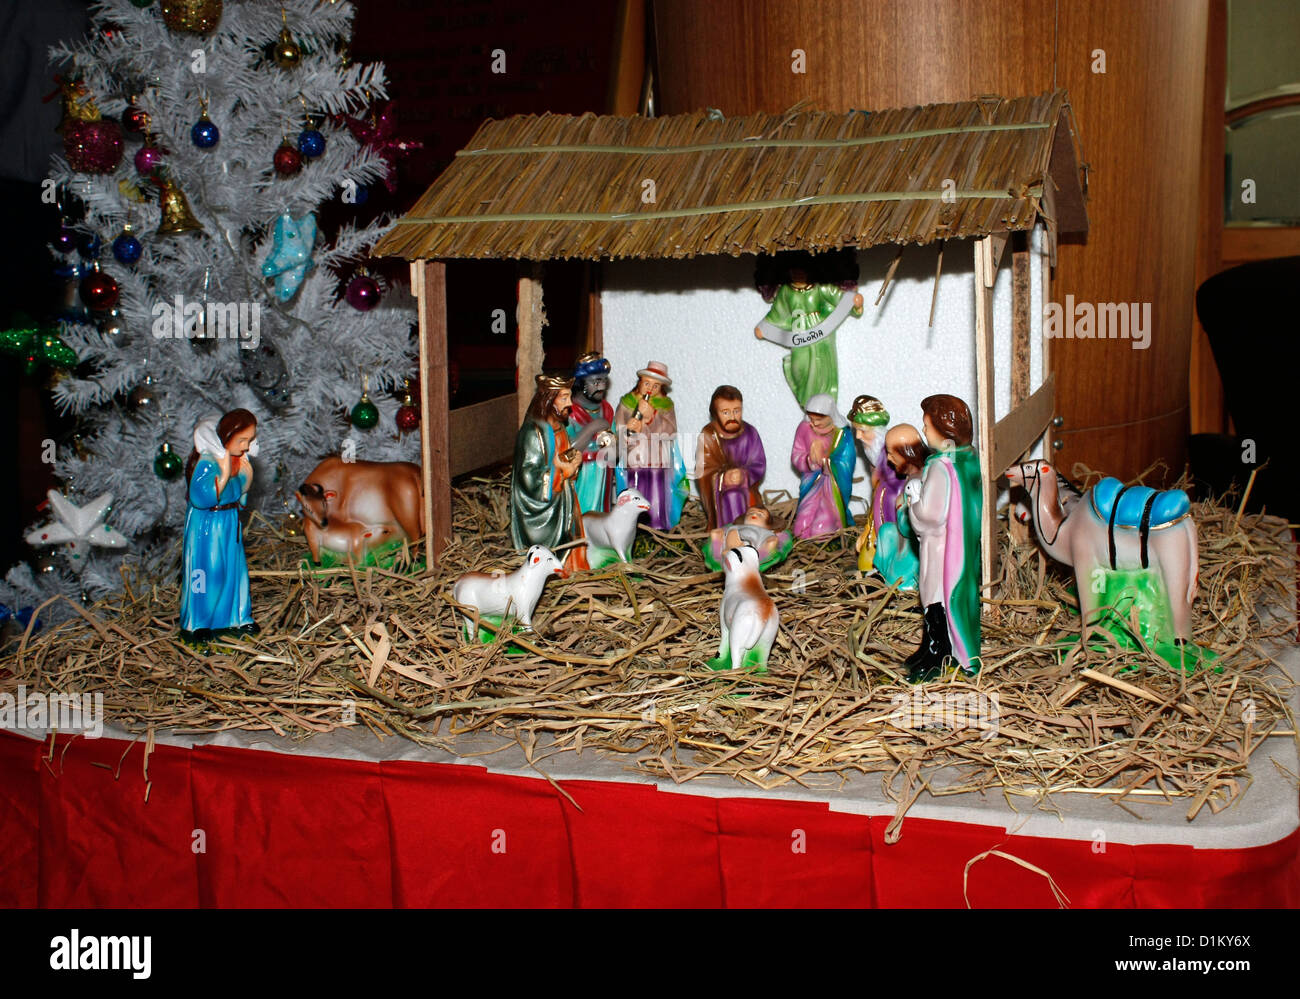 Nativity scene Cristmas Stock Photo